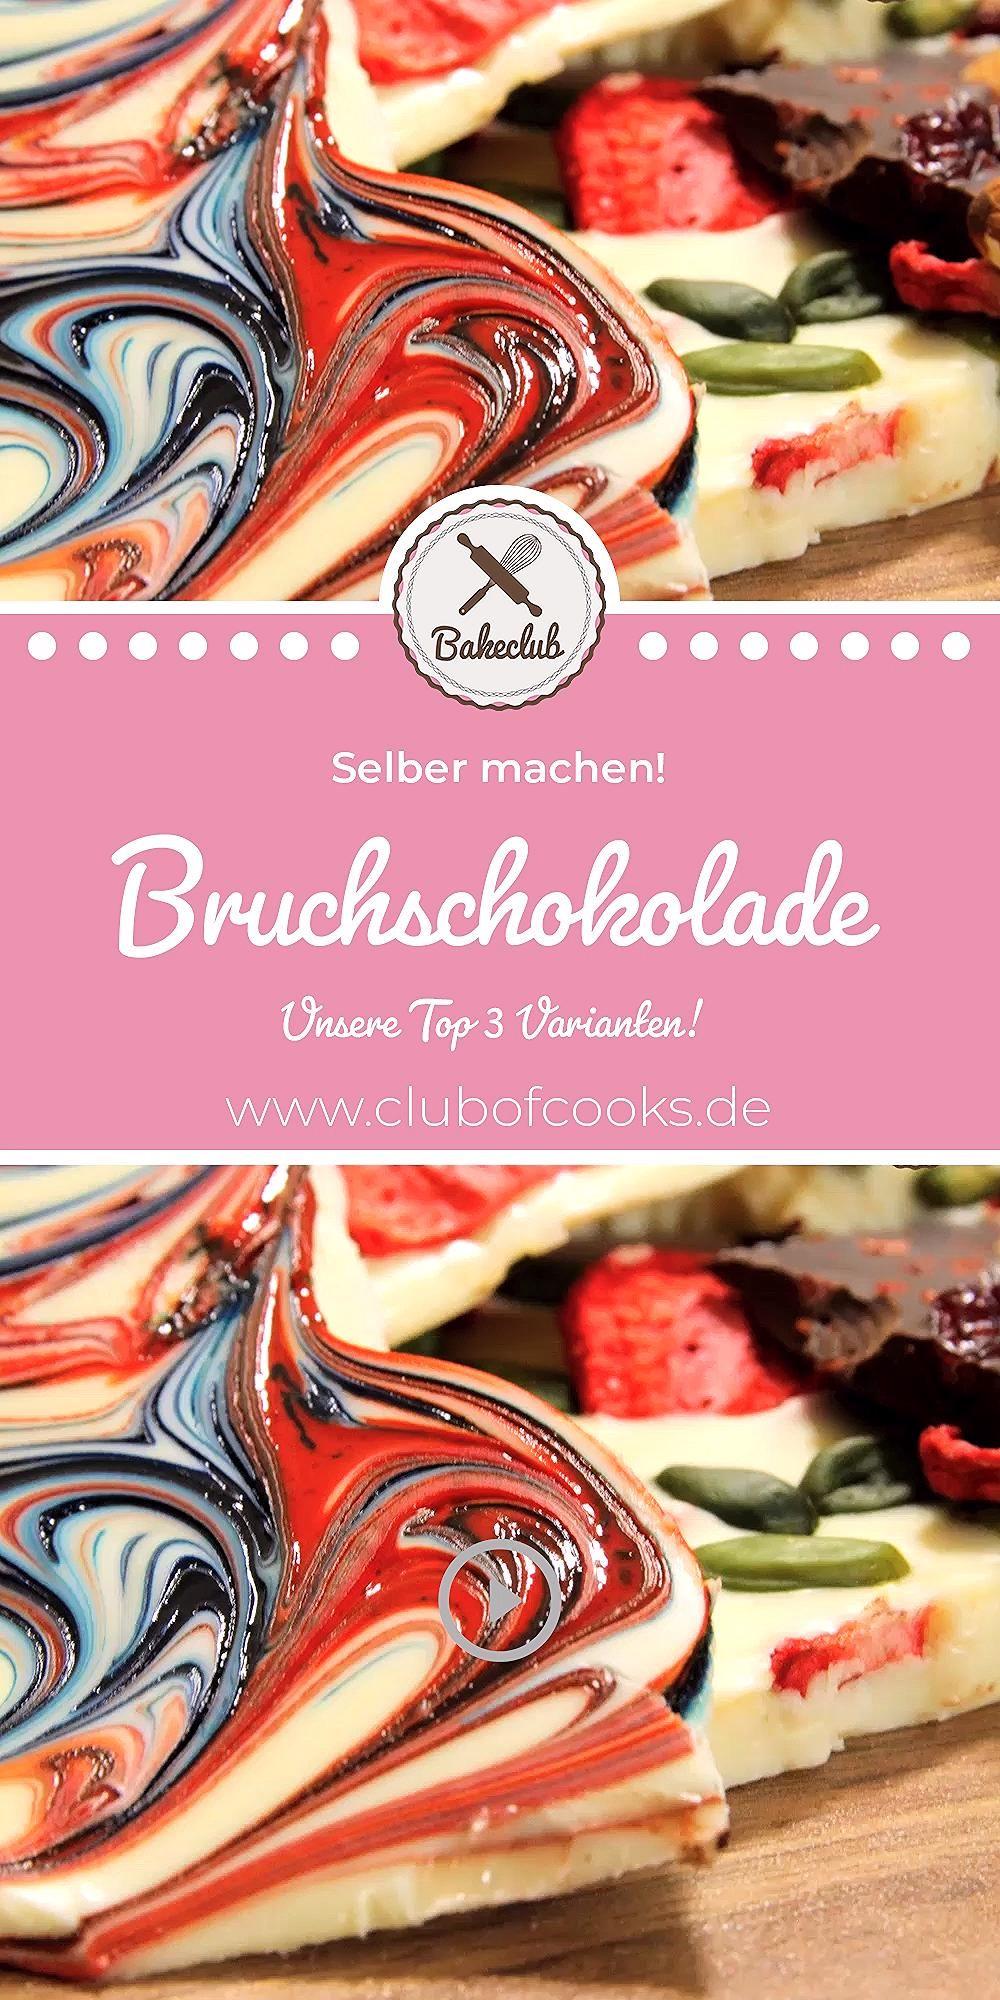 Photo of Bruchschokolade – Unsere Top 3 Varianten!